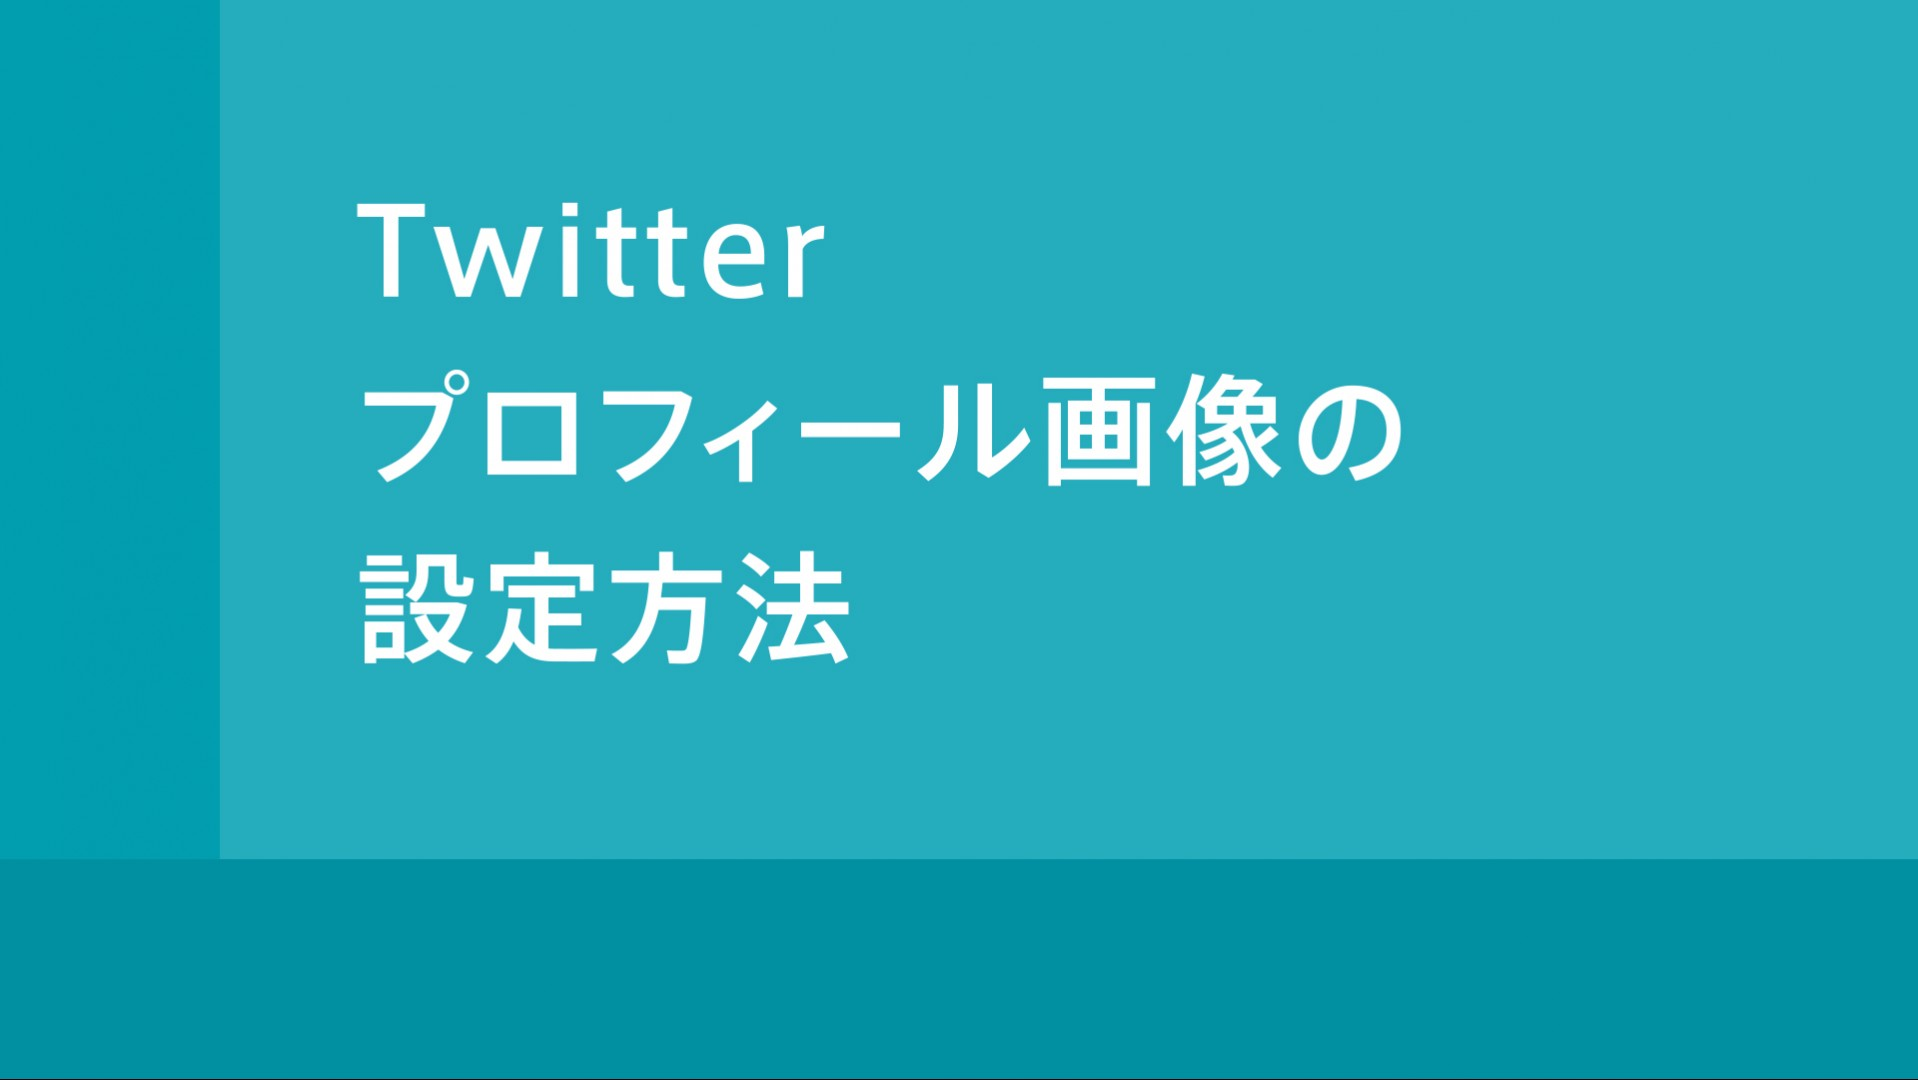 Twitter プロフィールページにヘッダー画像を設定する